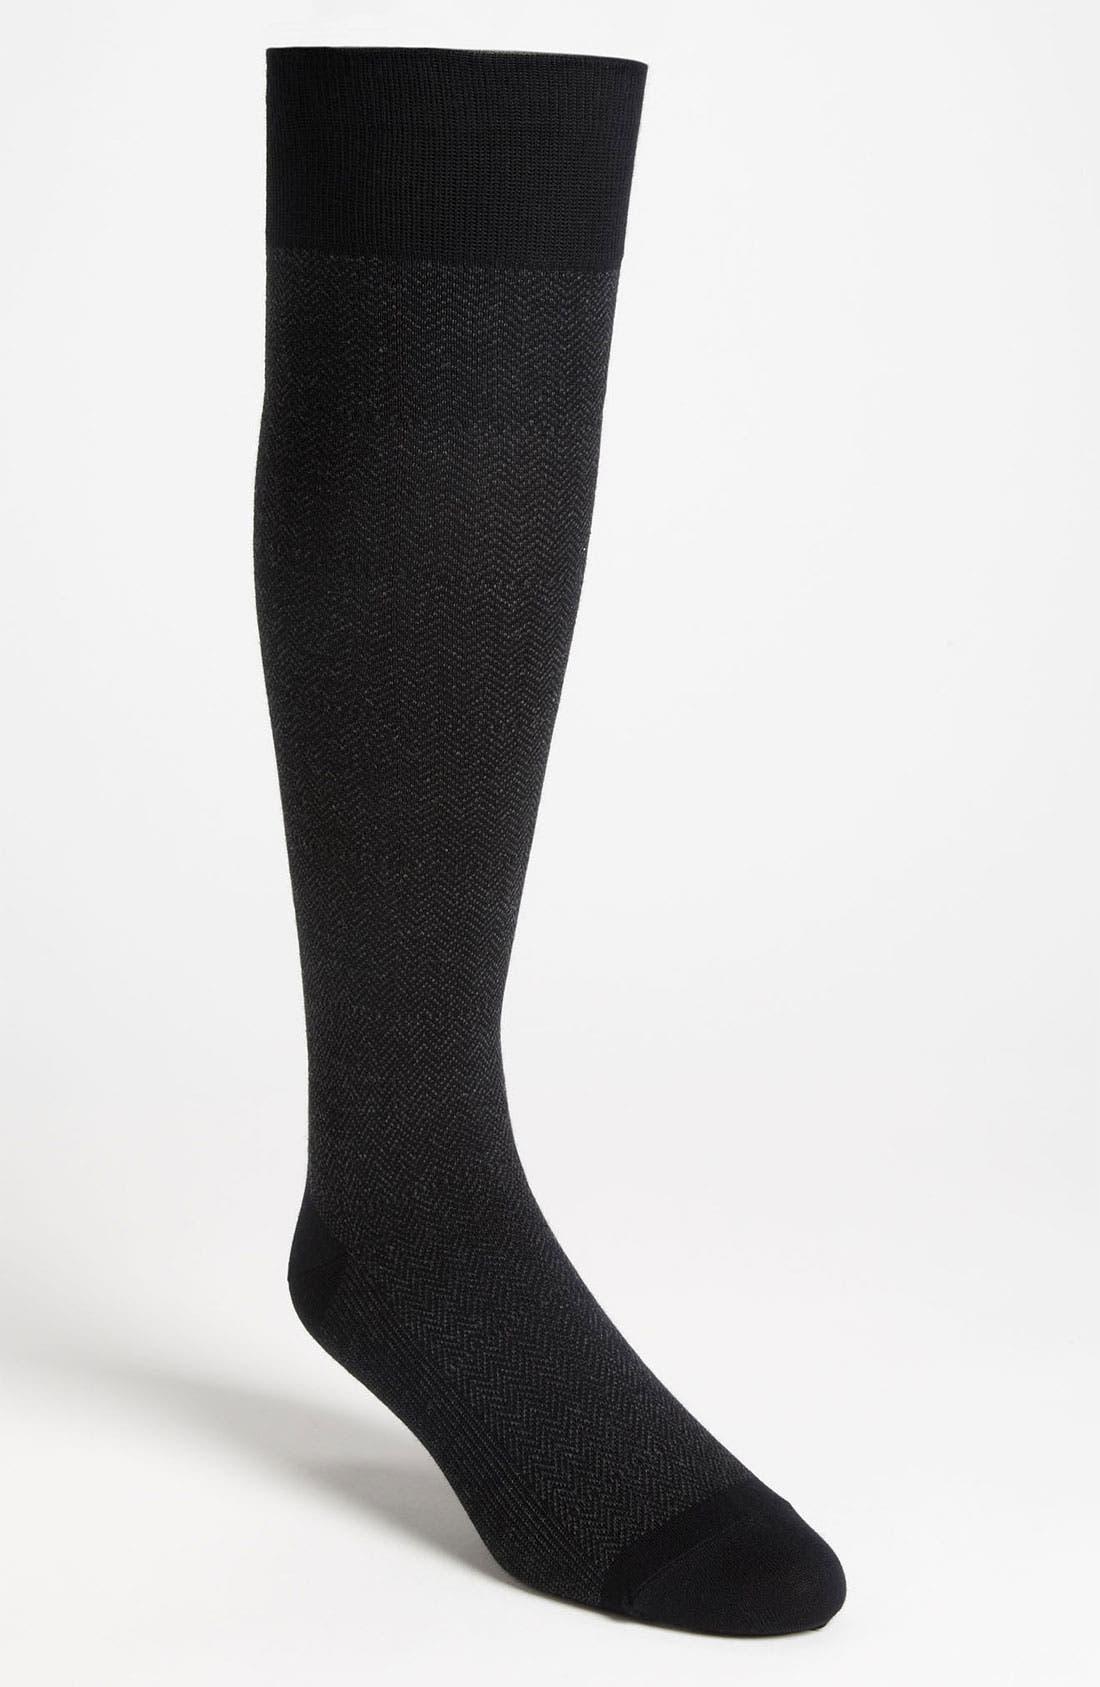 Alternate Image 1 Selected - Polo Ralph Lauren Over the Calf Socks